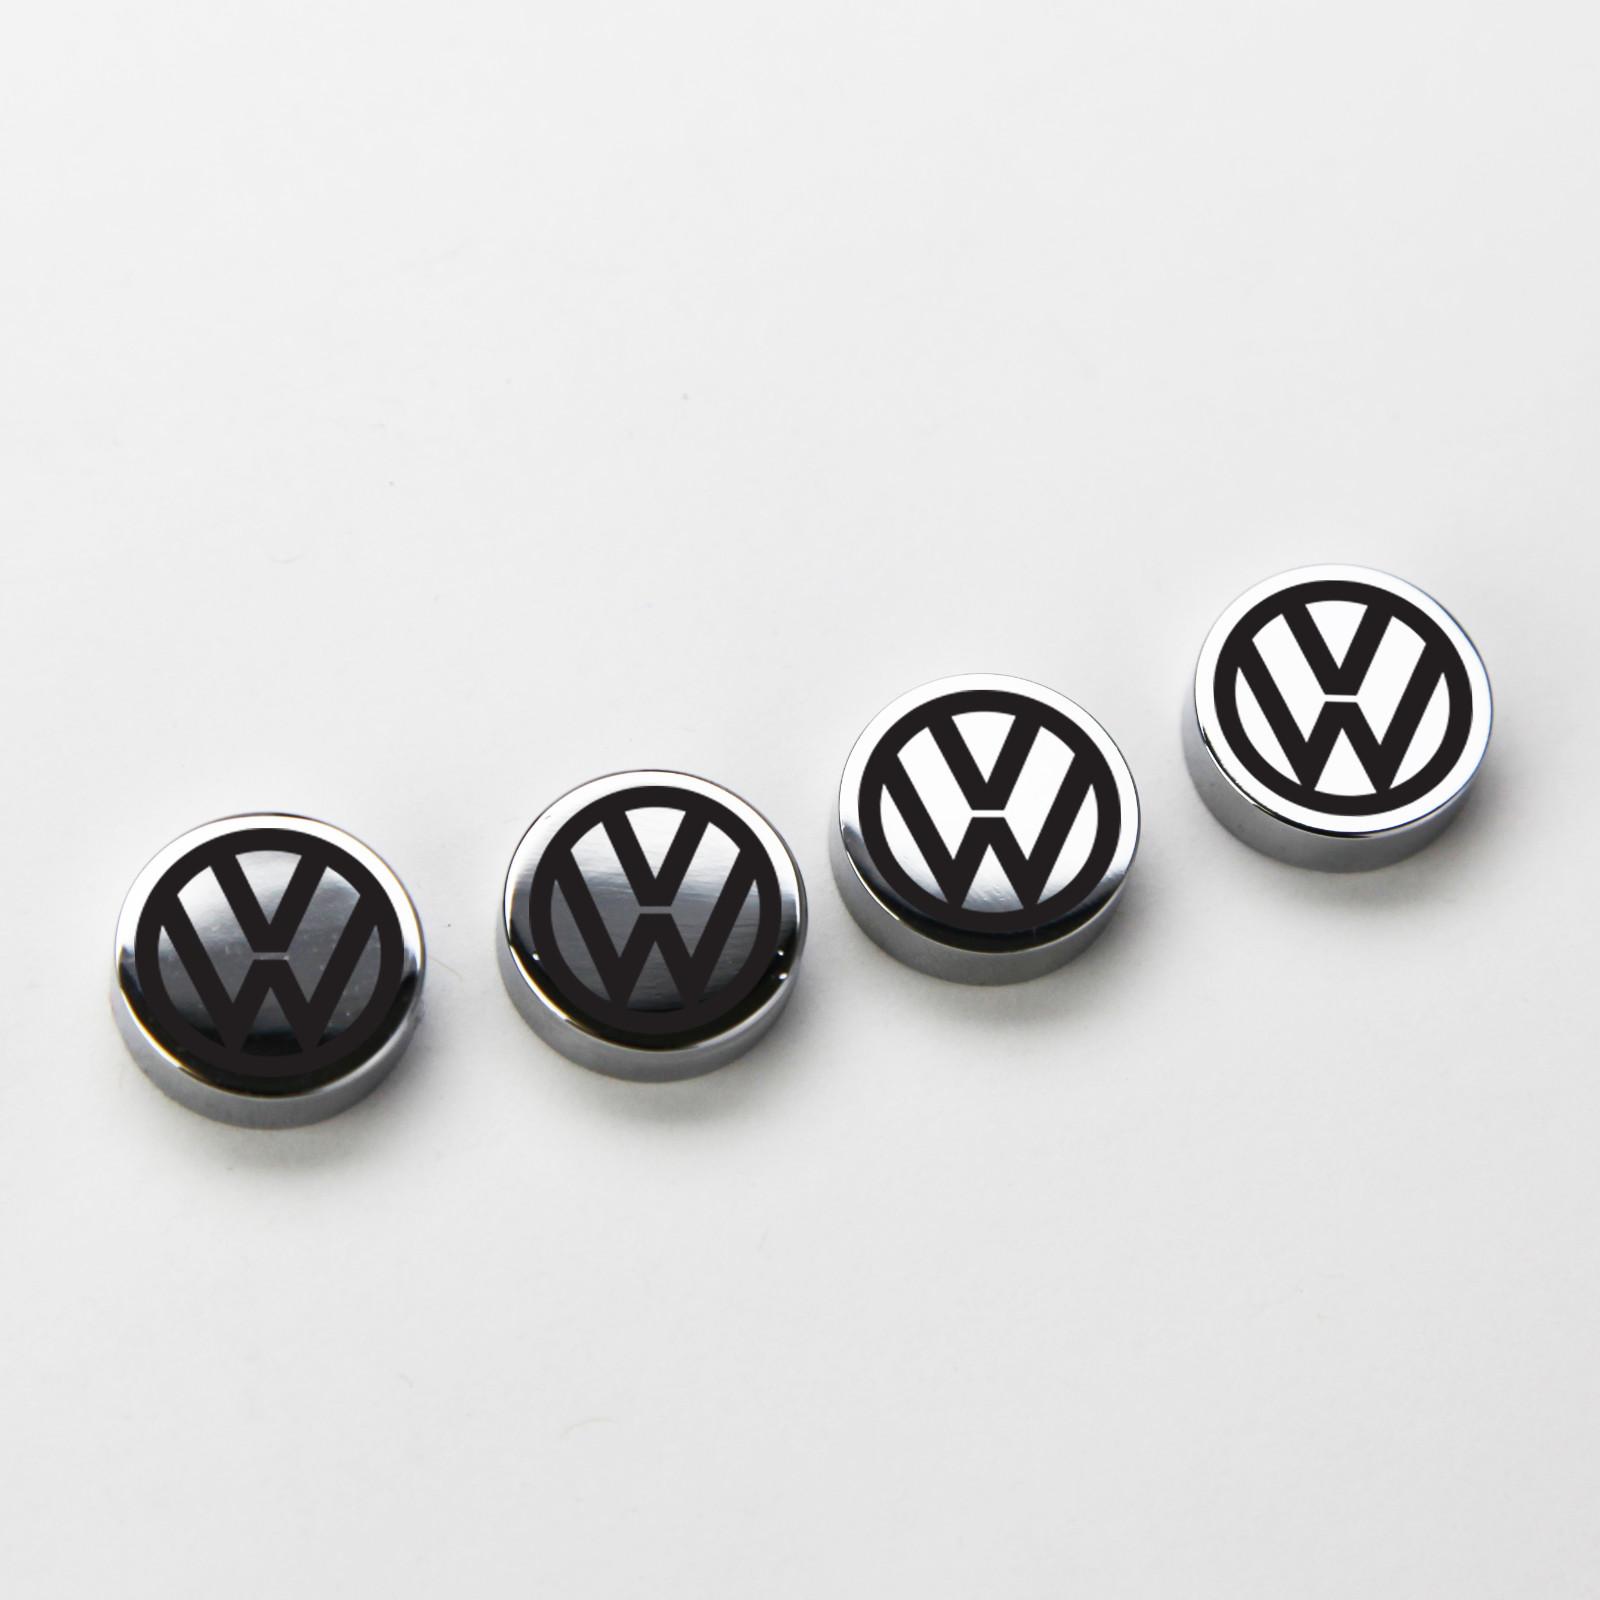 VW Volkswagen License Plate Frame Bolts Screws